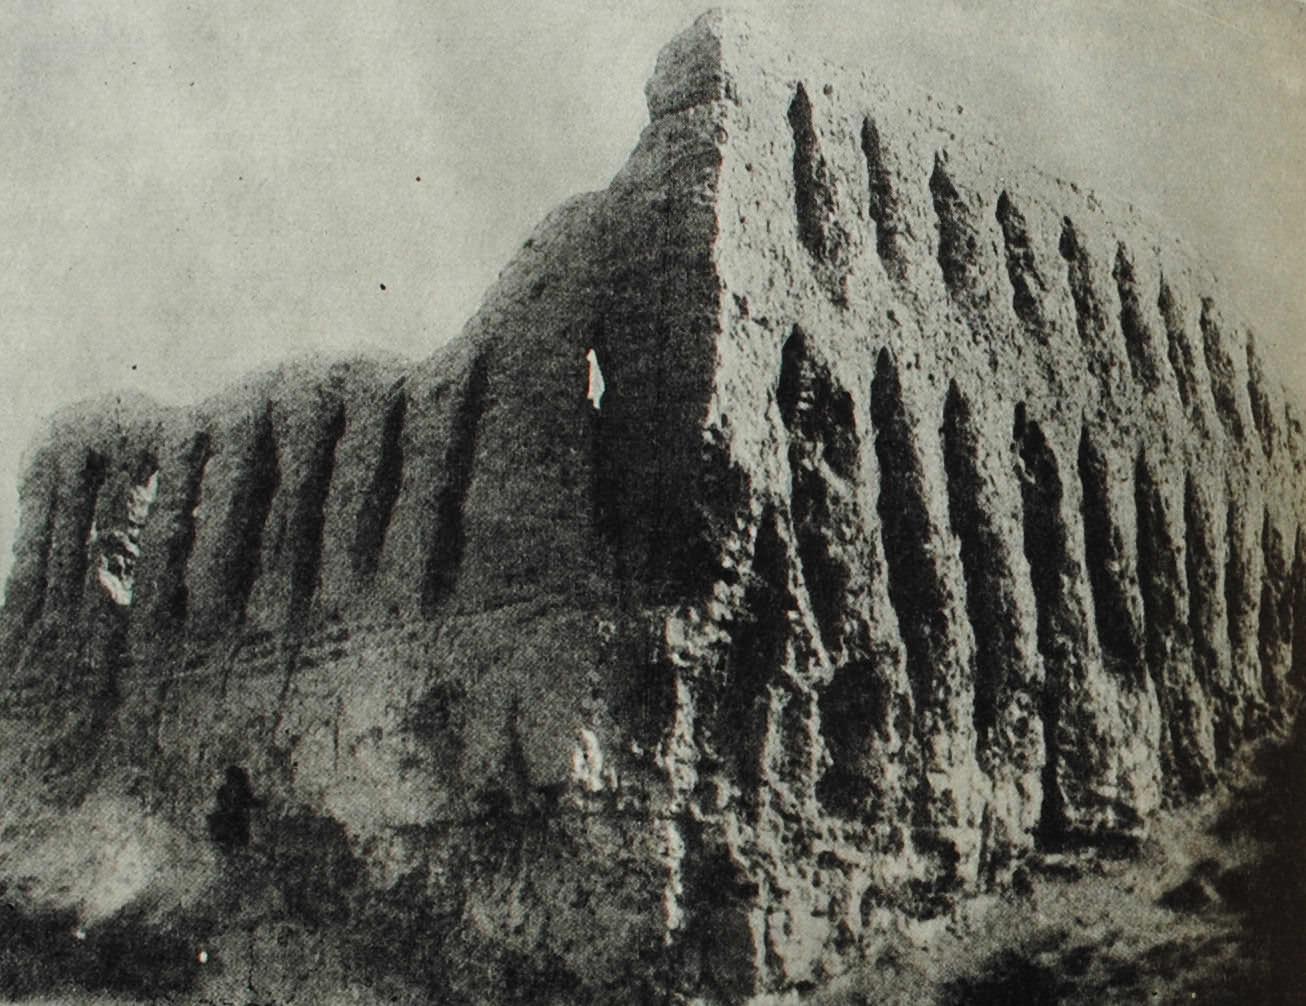 Городище Джанбас-Кала. Часть крепостной стены. IV - II вв. до н.э.